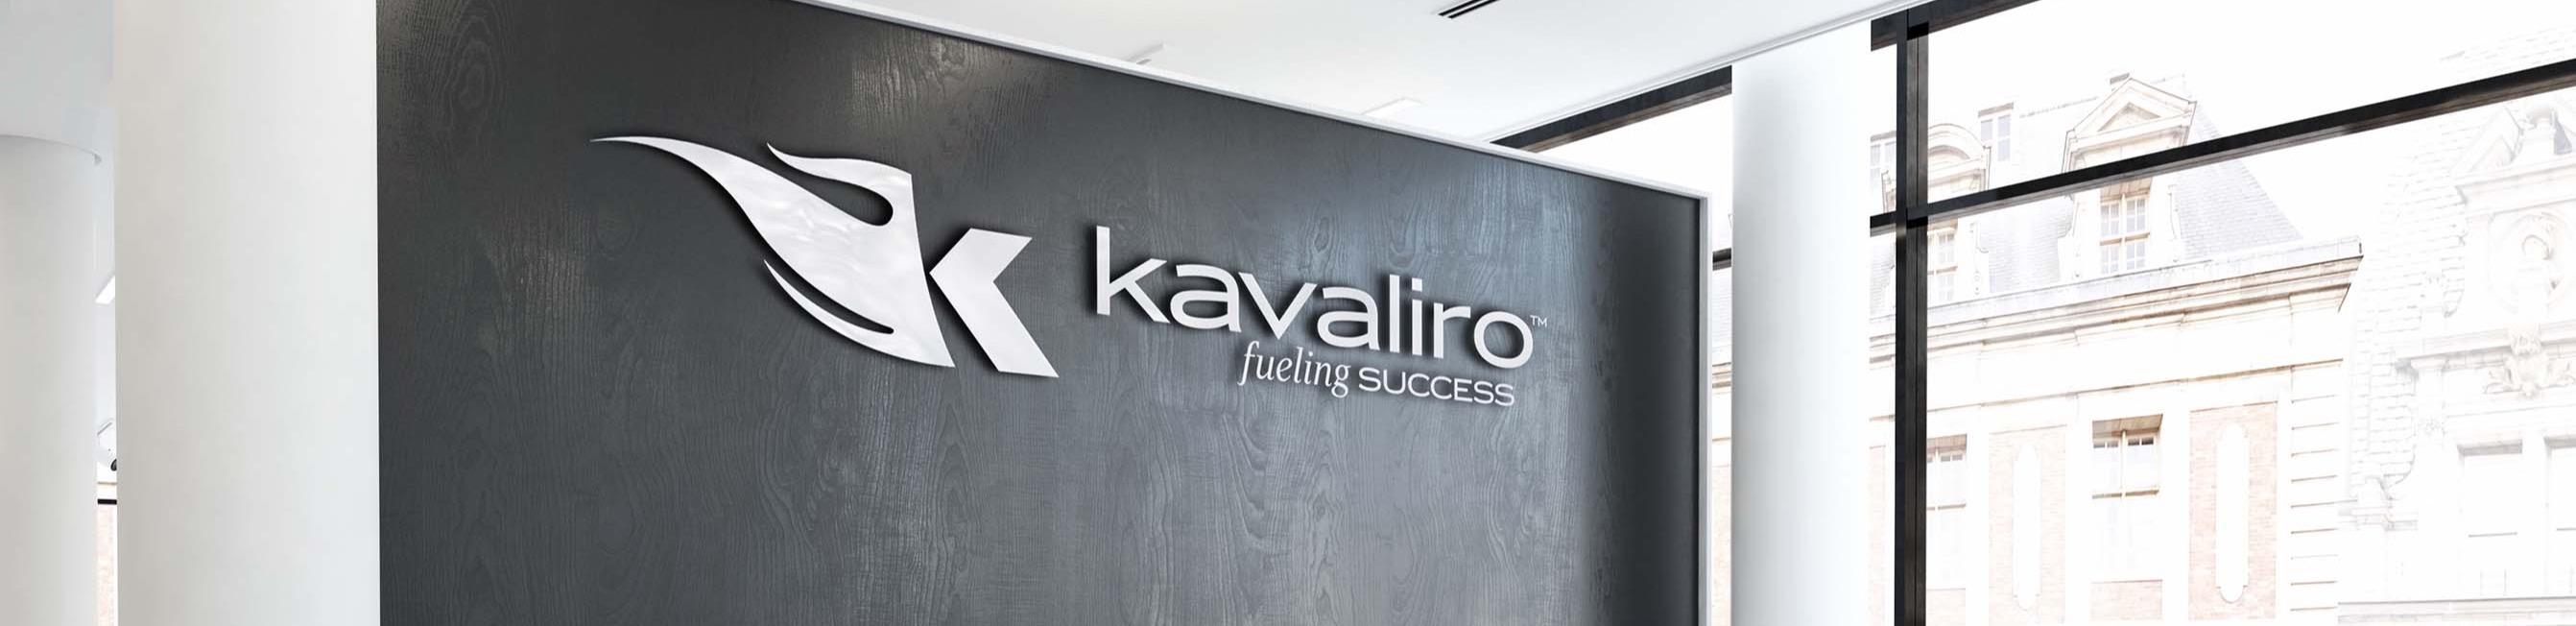 Kavaliro Newsletter - 2021 Q3